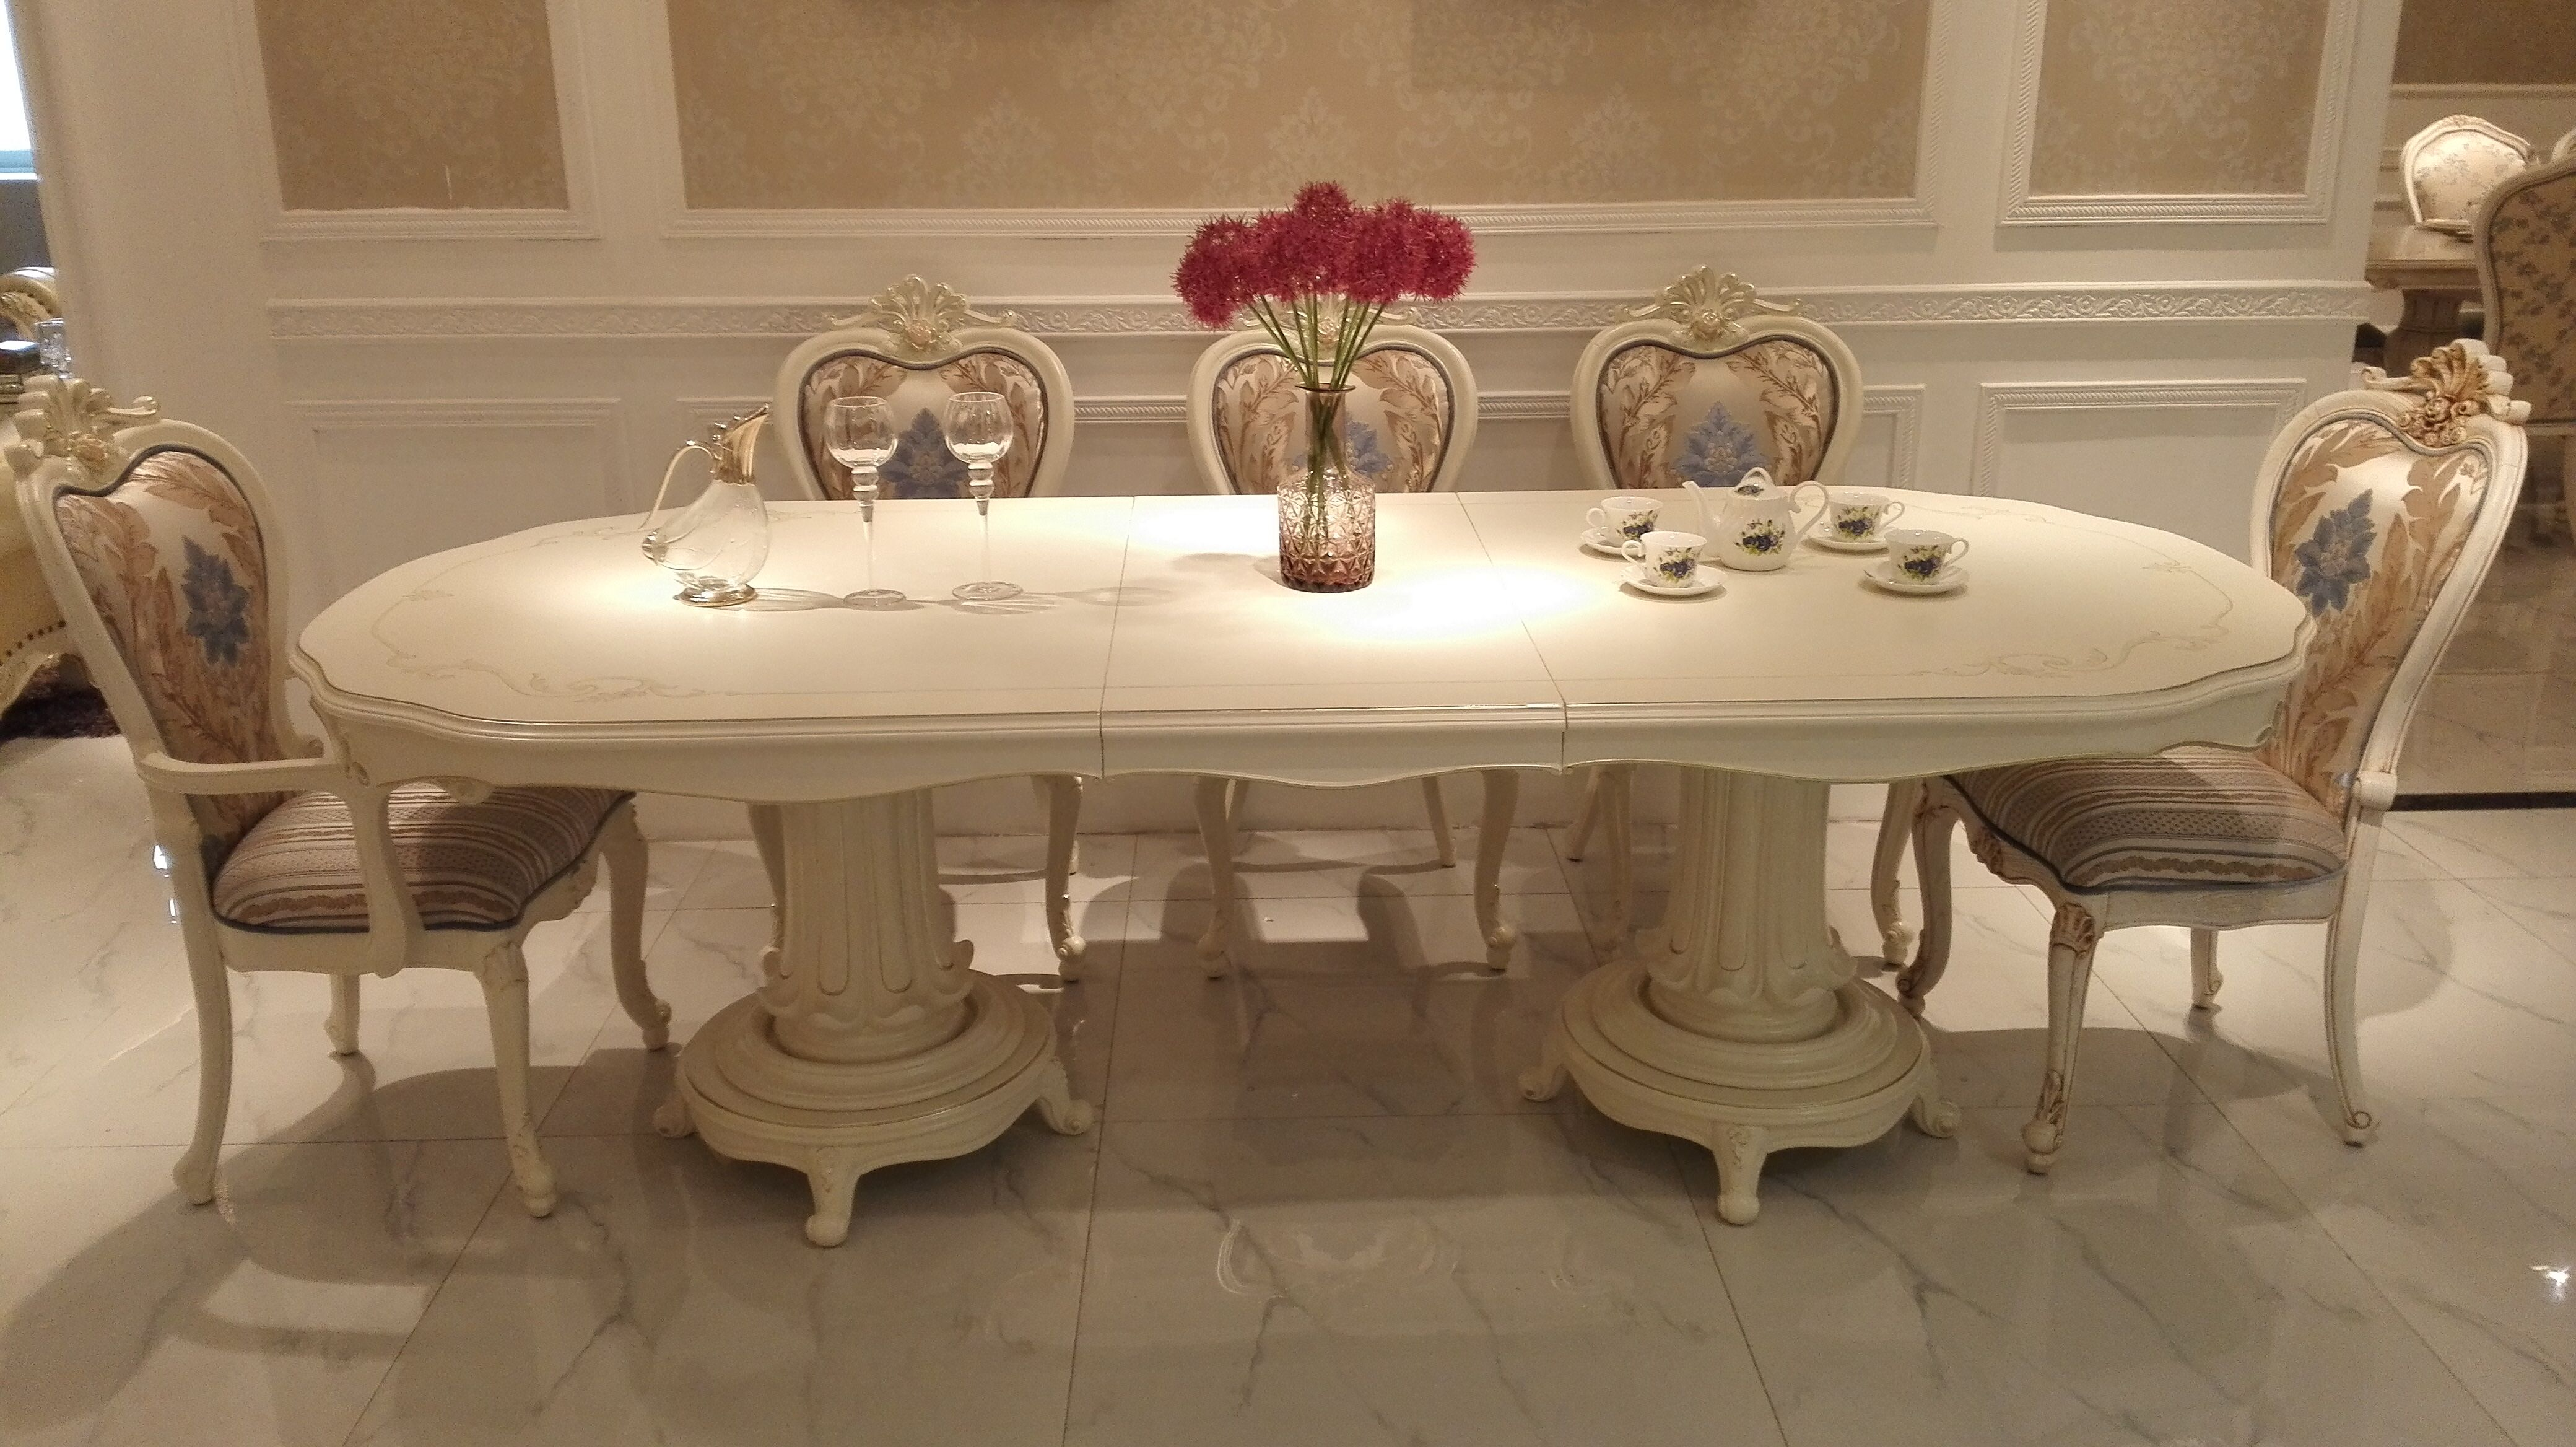 济南餐桌餐椅     济南高档家具     产品介绍 相关推荐欧式餐桌